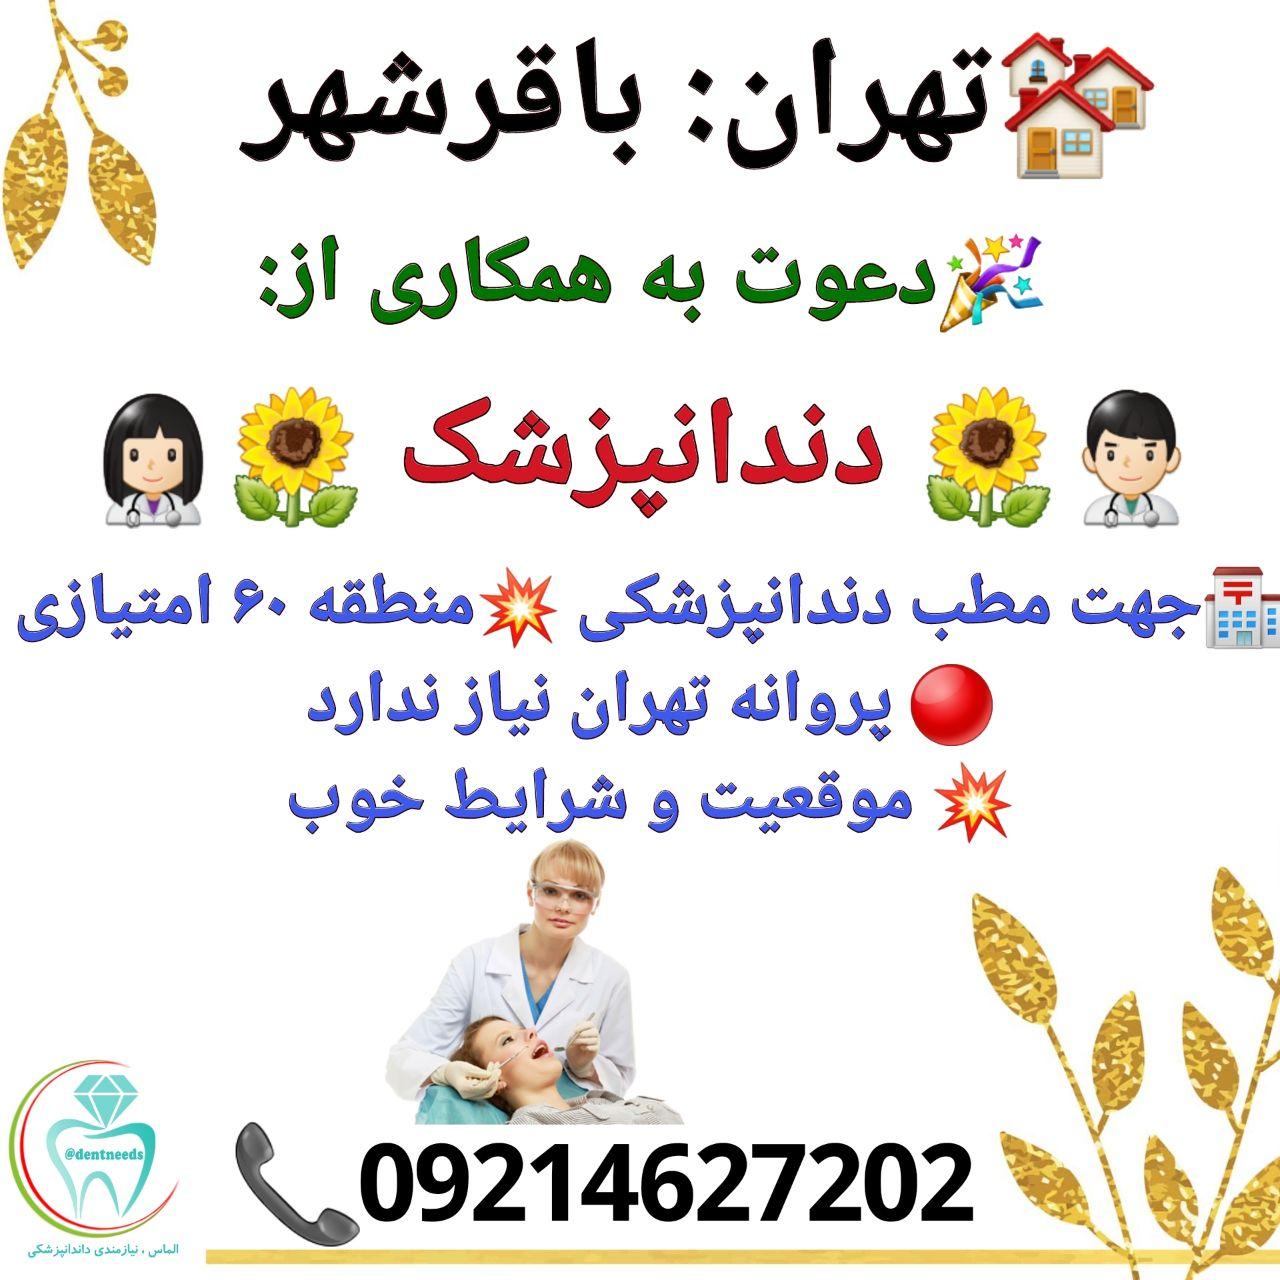 تهران: باقرشهر، دعوت به همکاری از دندانپزشک